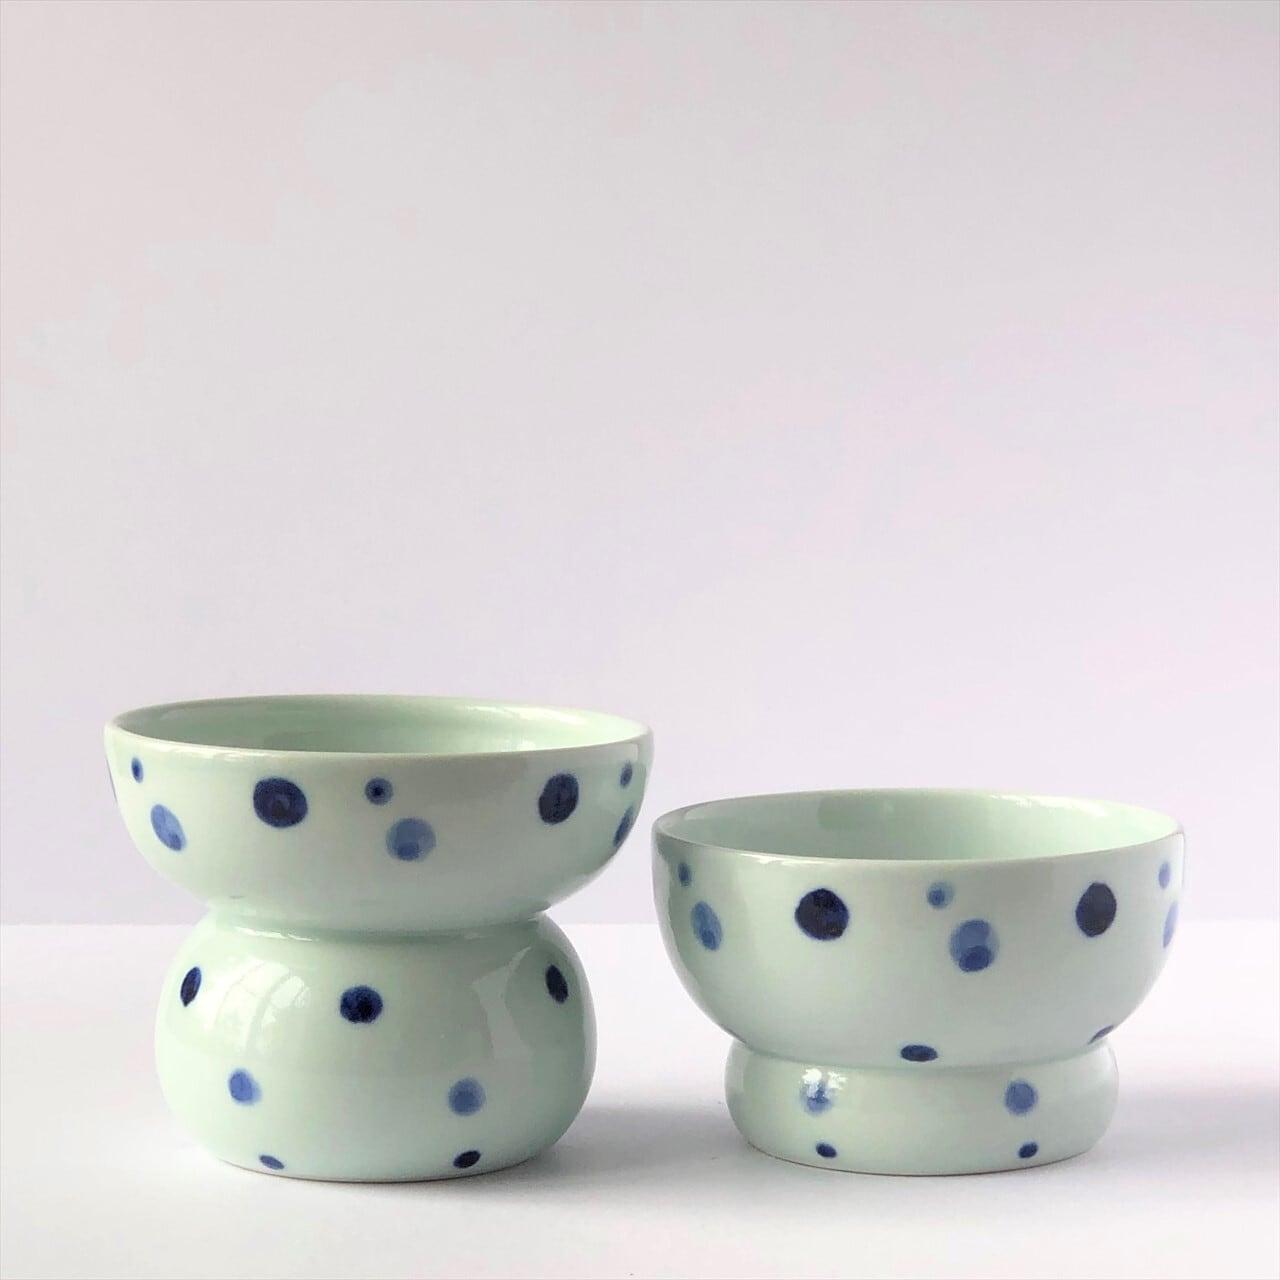 有田焼【まどか】 青い水玉  ペアセット 製造:江口製陶所